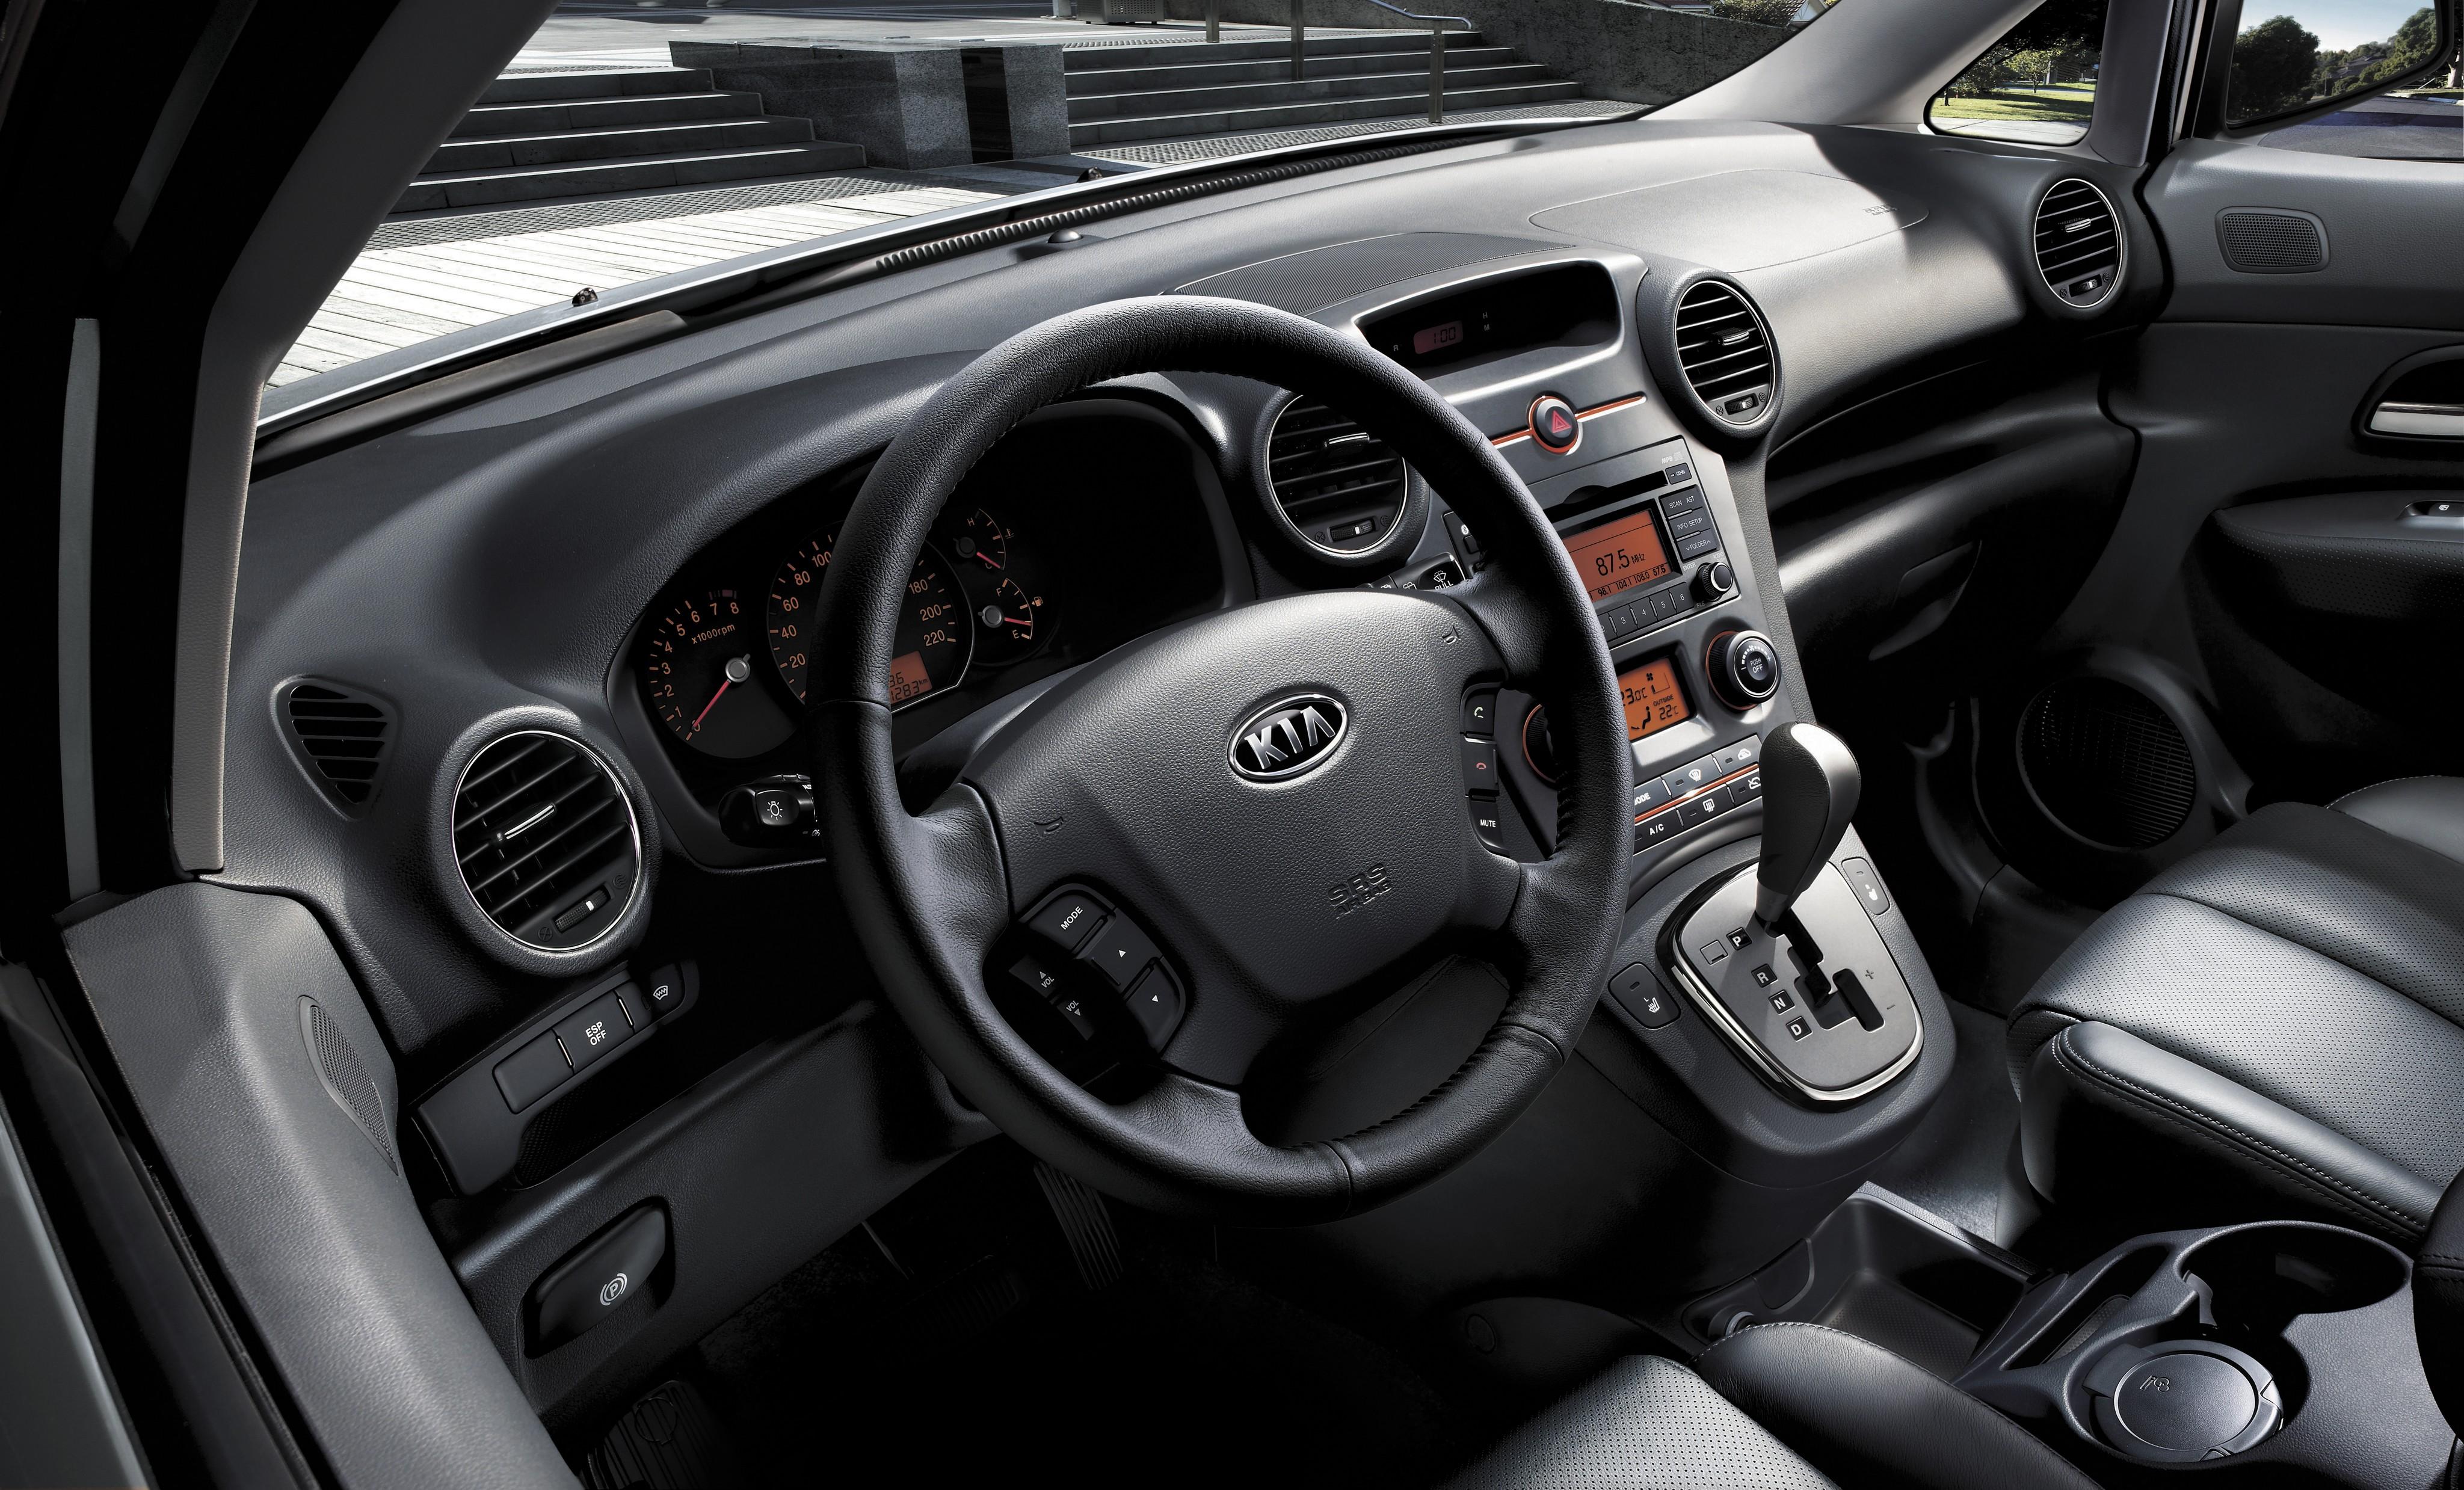 Đánh giá thiết kế xe KIA Carens 2010